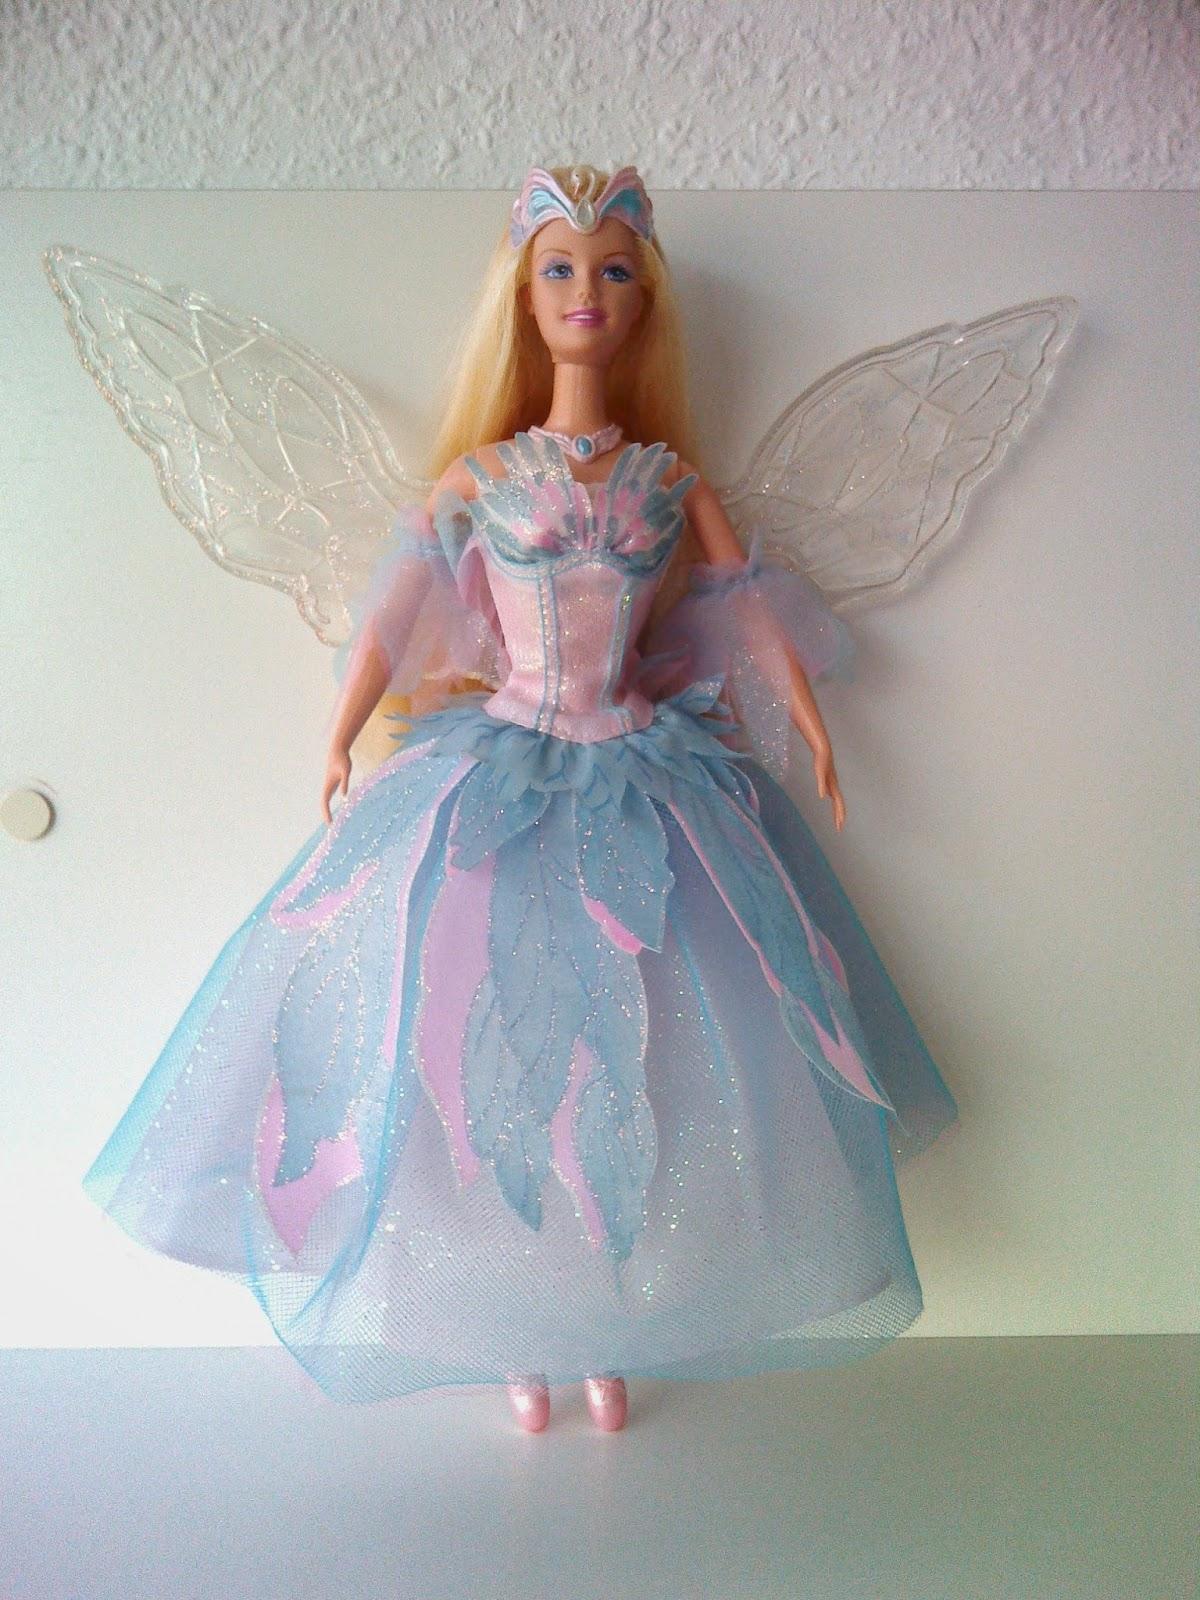 Mi princesa me da los buenos dias wwwmariasbragasscom - 4 6